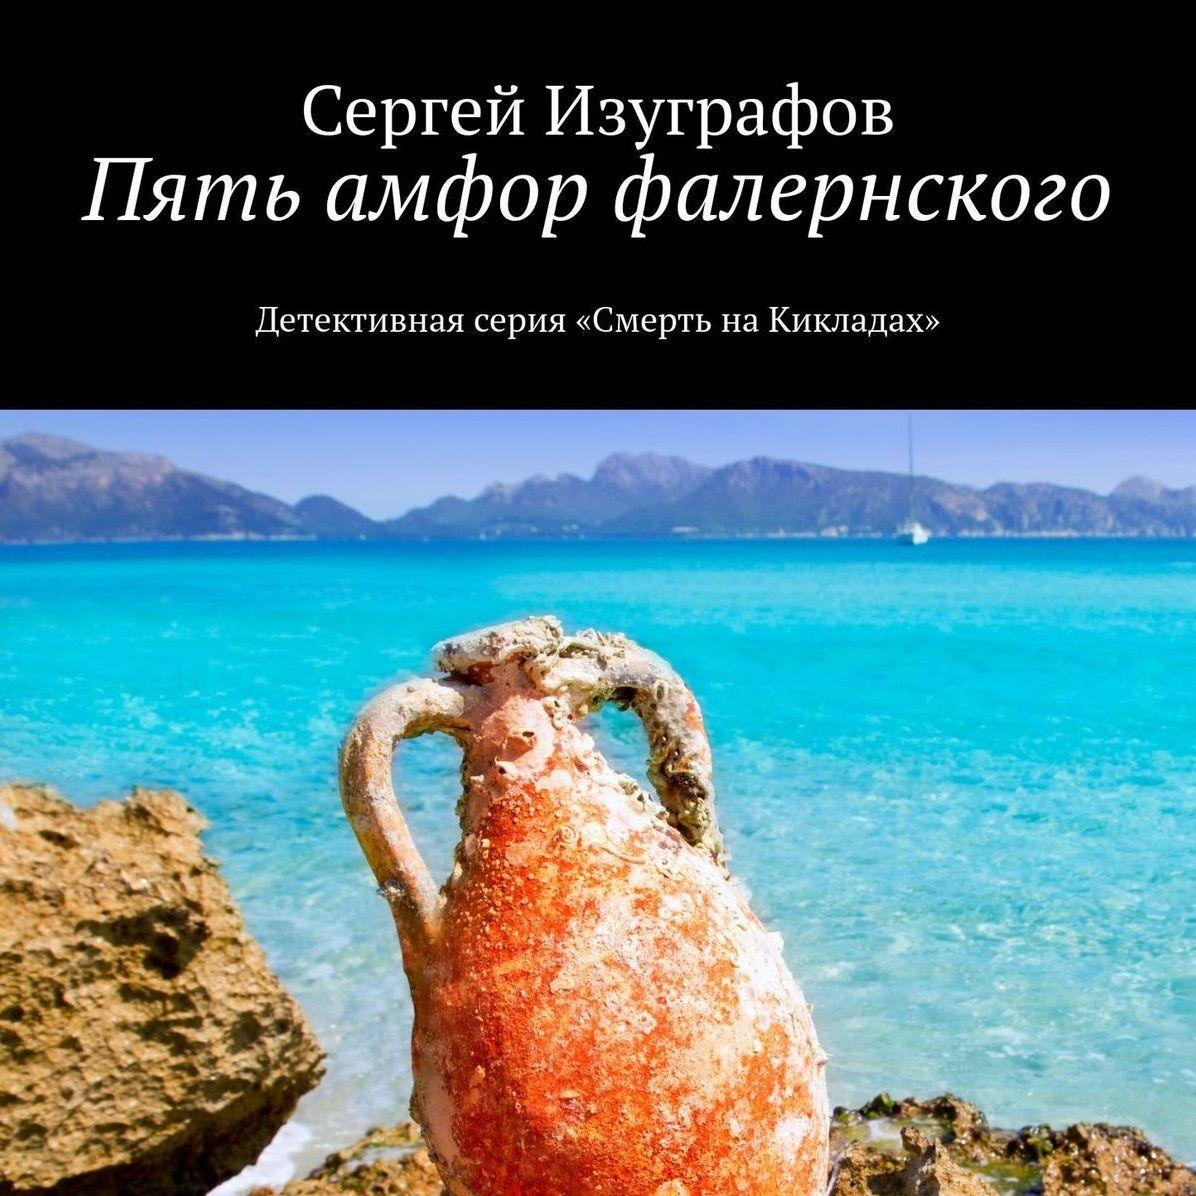 Купить книгу Пять амфор фалернского, автора Сергея Изуграфова